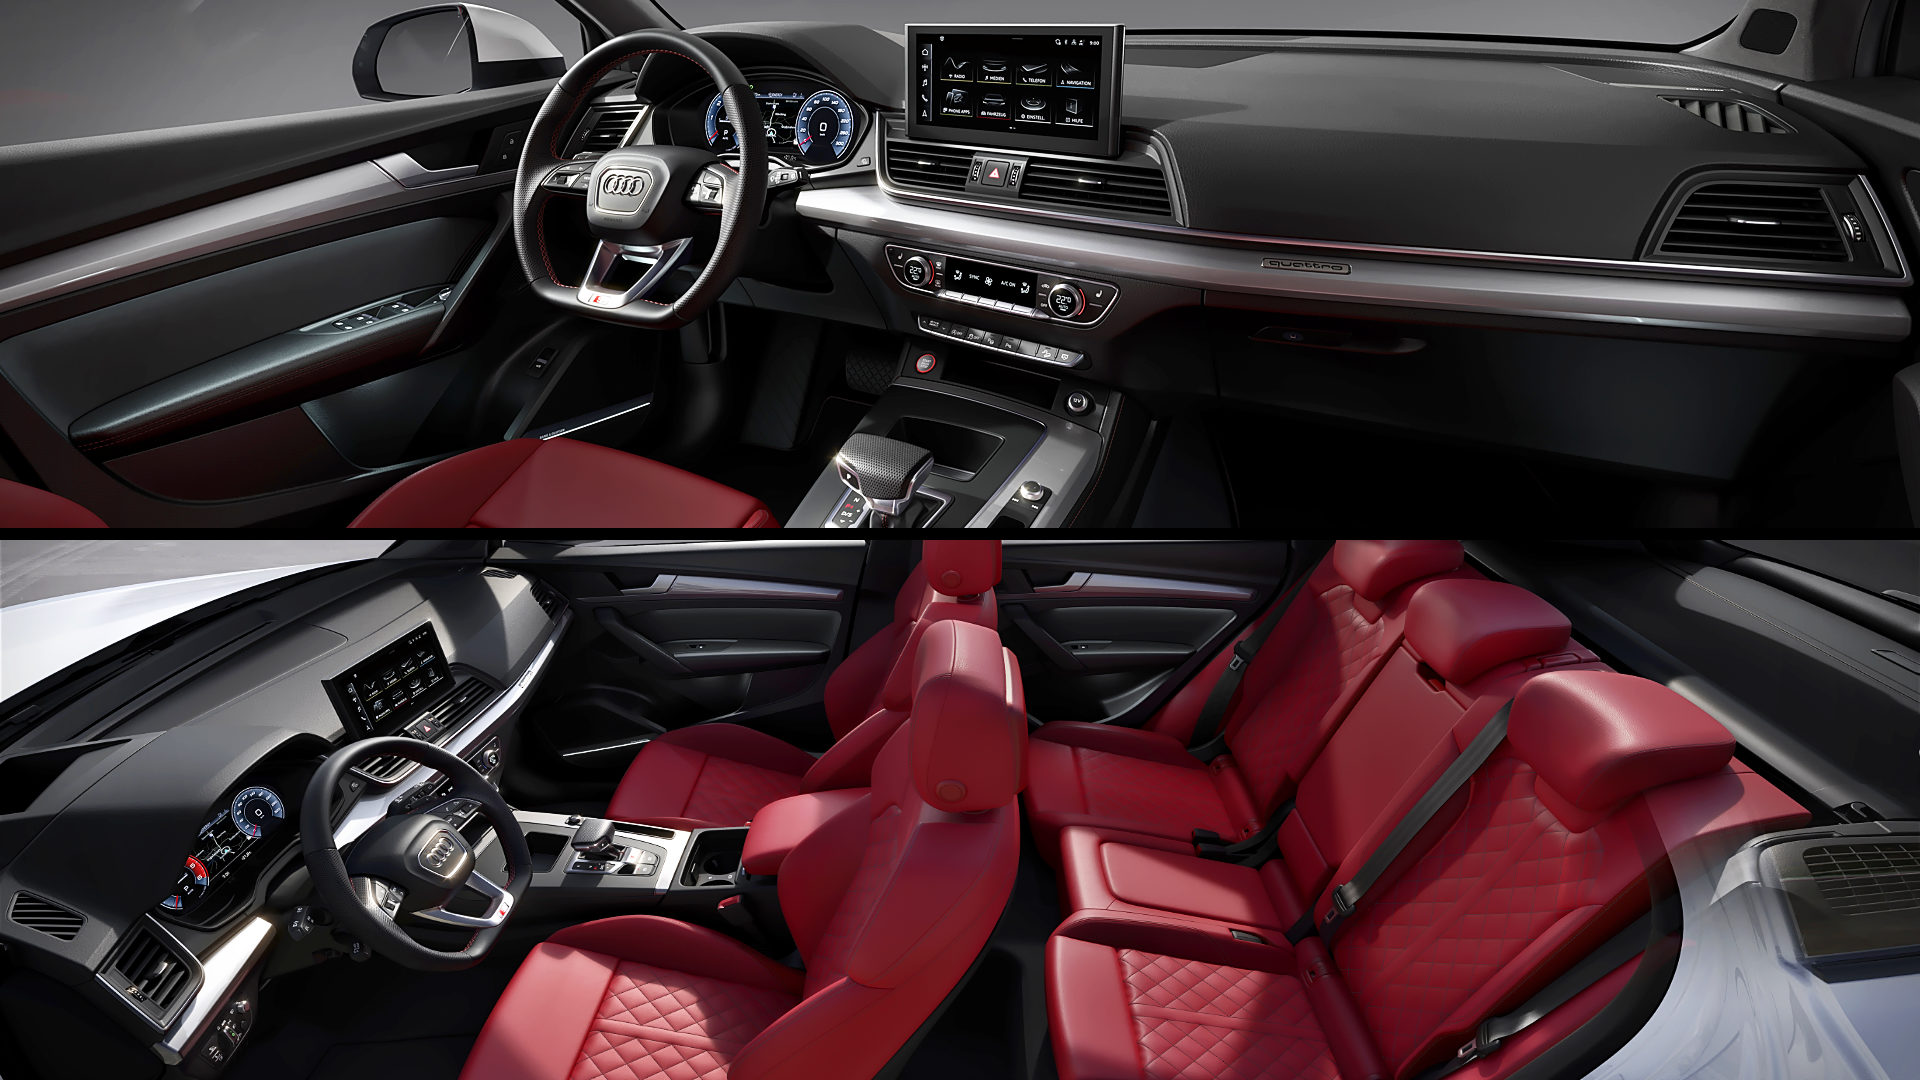 2021 Audi SQ5 Inside Interior